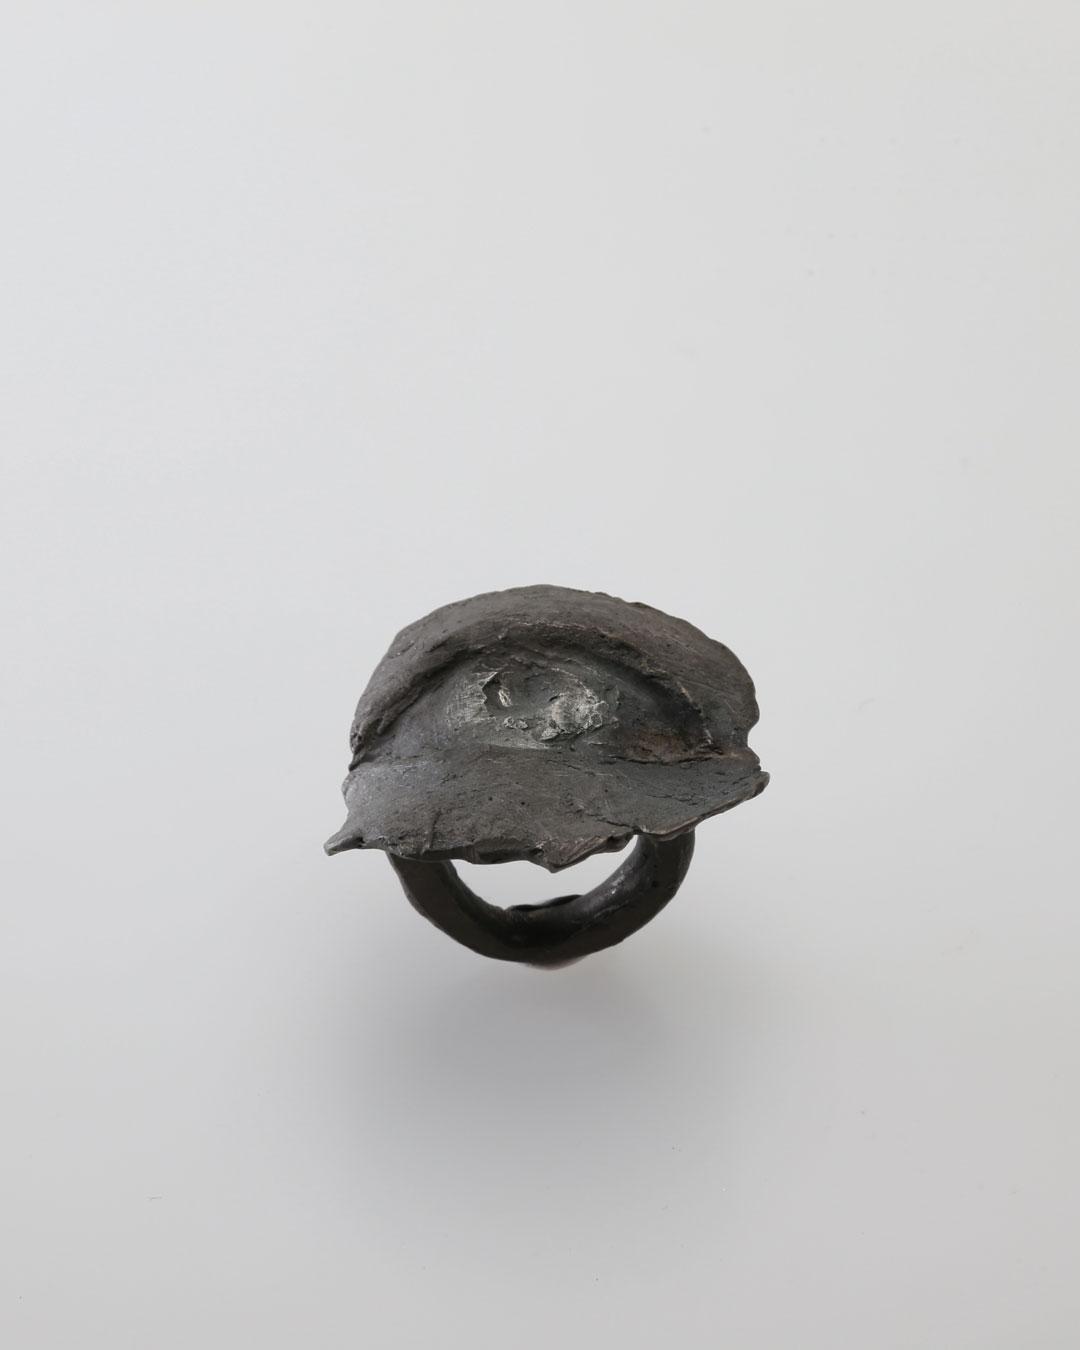 Juliane Brandes, Gegenwart (Heden), 2017, ring; zilver, ruthenium, 35 x 40 x 40 mm, €1170